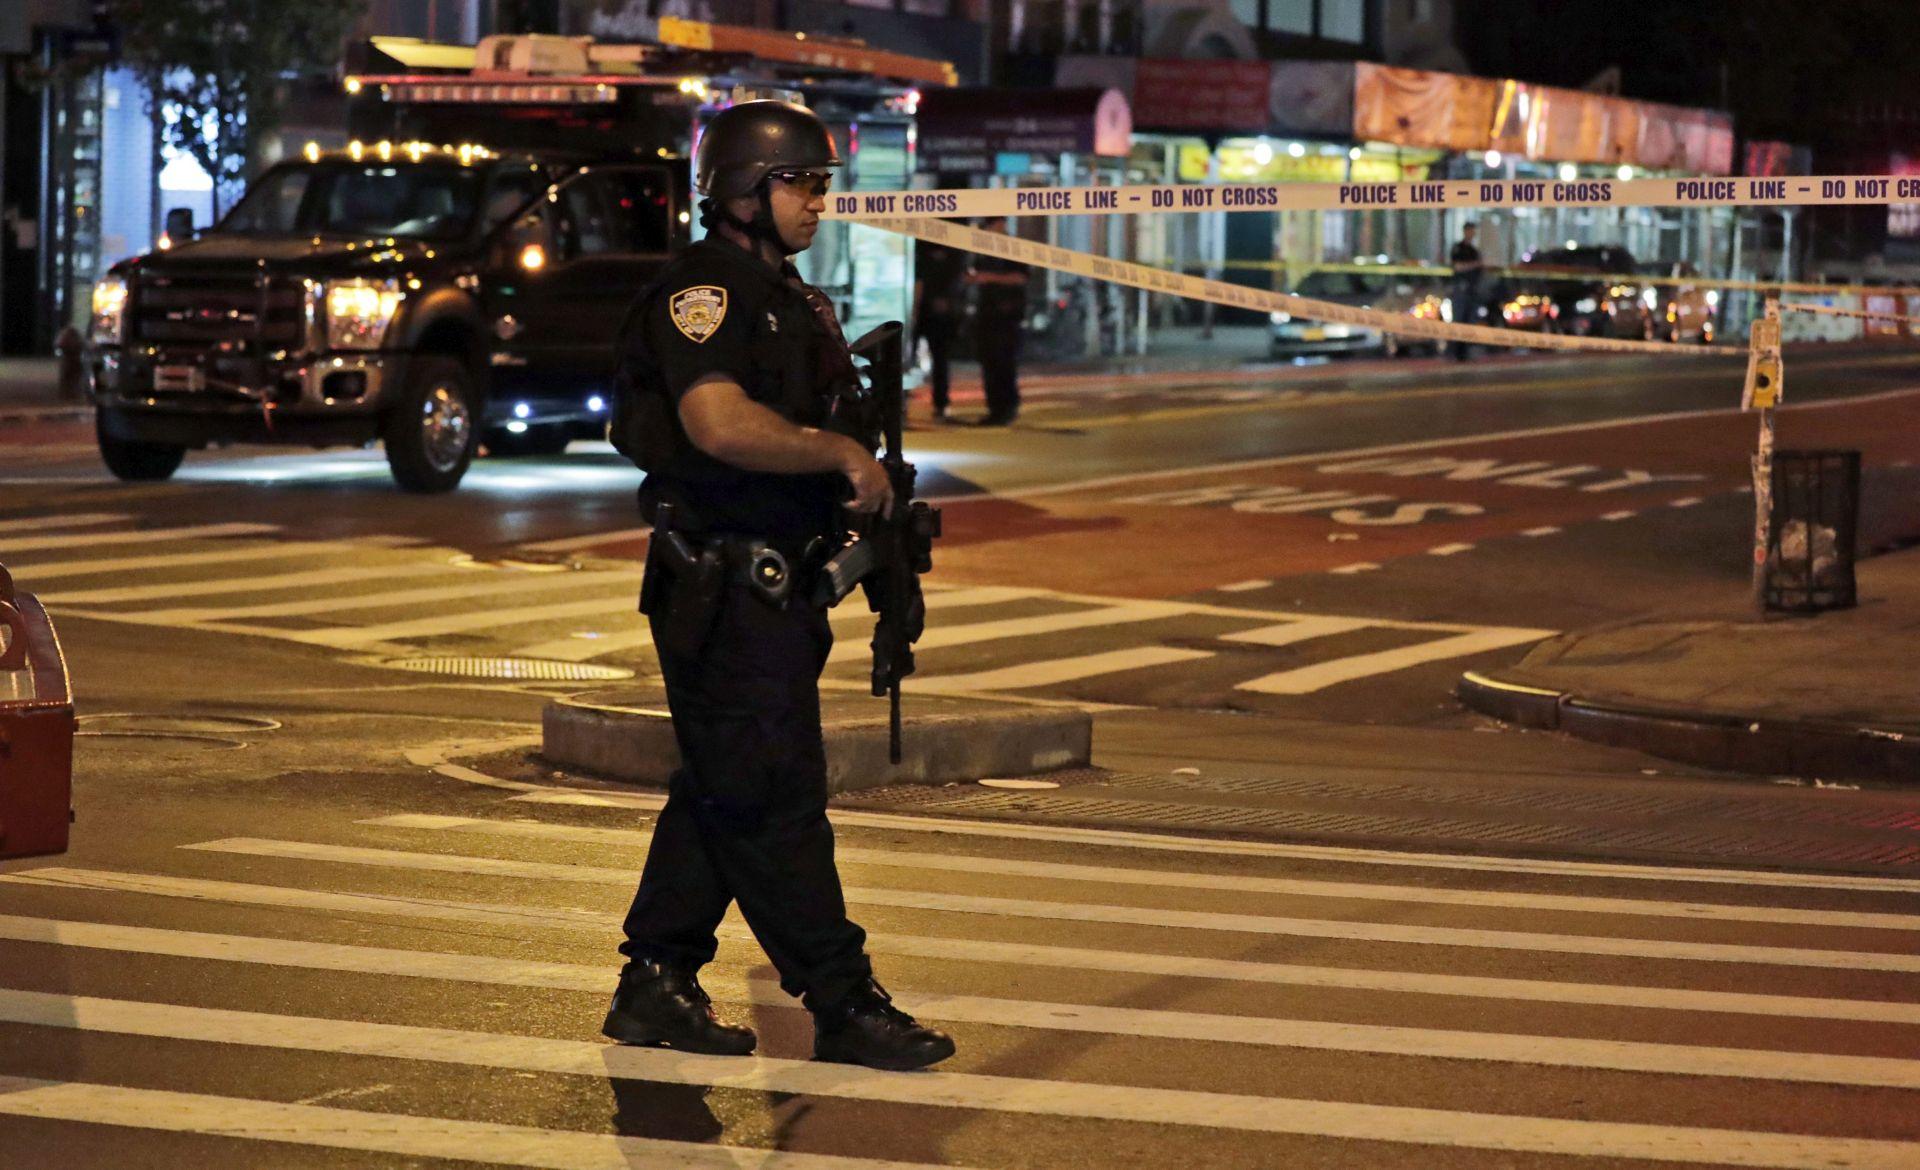 NAPADI NA MANHATTANU: Osumnjičenik uhićen nakon razmjene vatre, dvoje policajaca ranjeno